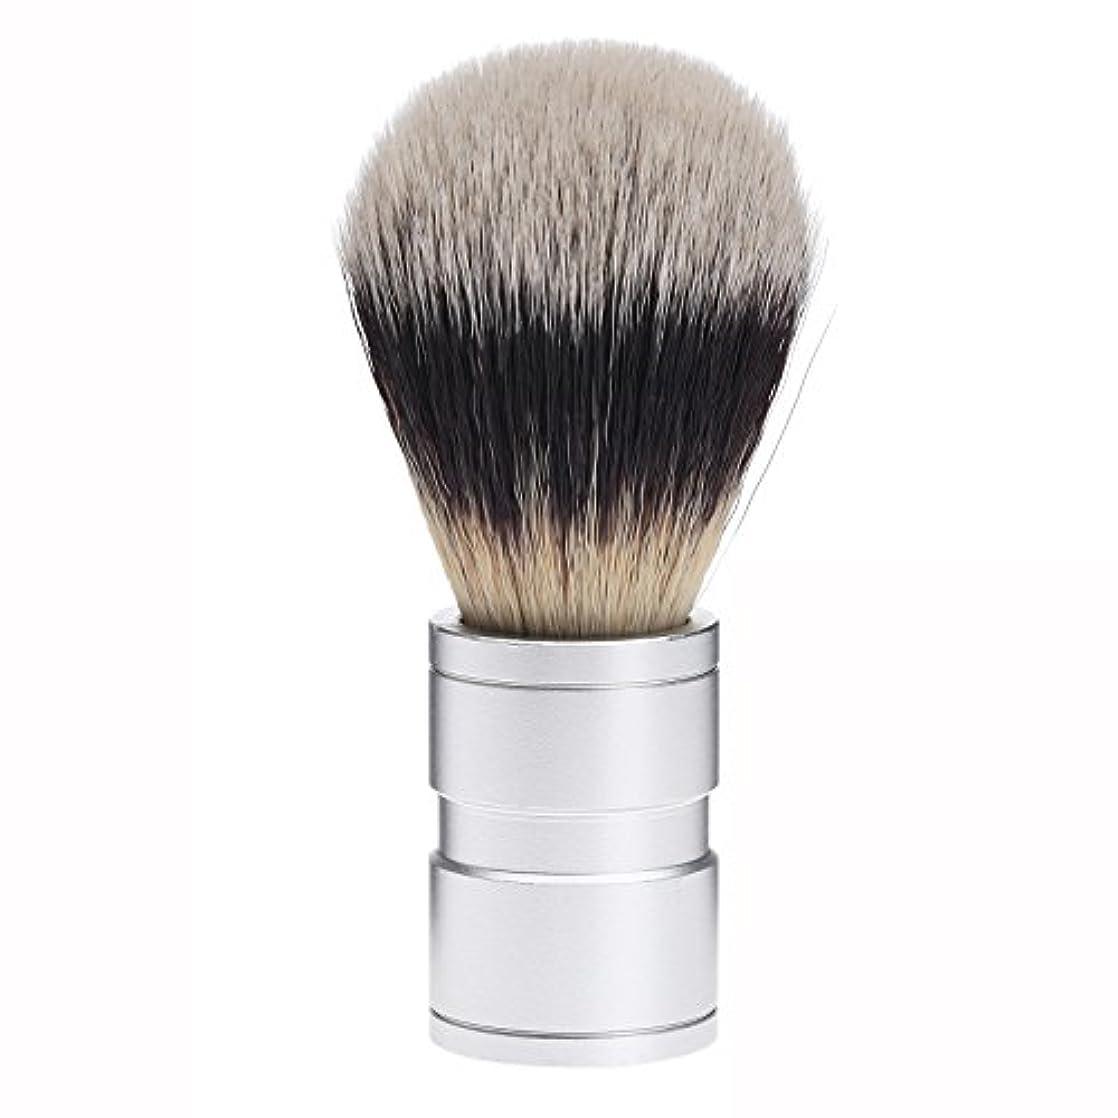 ラフ睡眠魔術にやにやDophee  シェービング用ブラシ シェービングブラシ メンズ 洗顔ブラシ イミテーションアナグマ毛 ファイン模倣 理容 洗顔 髭剃り